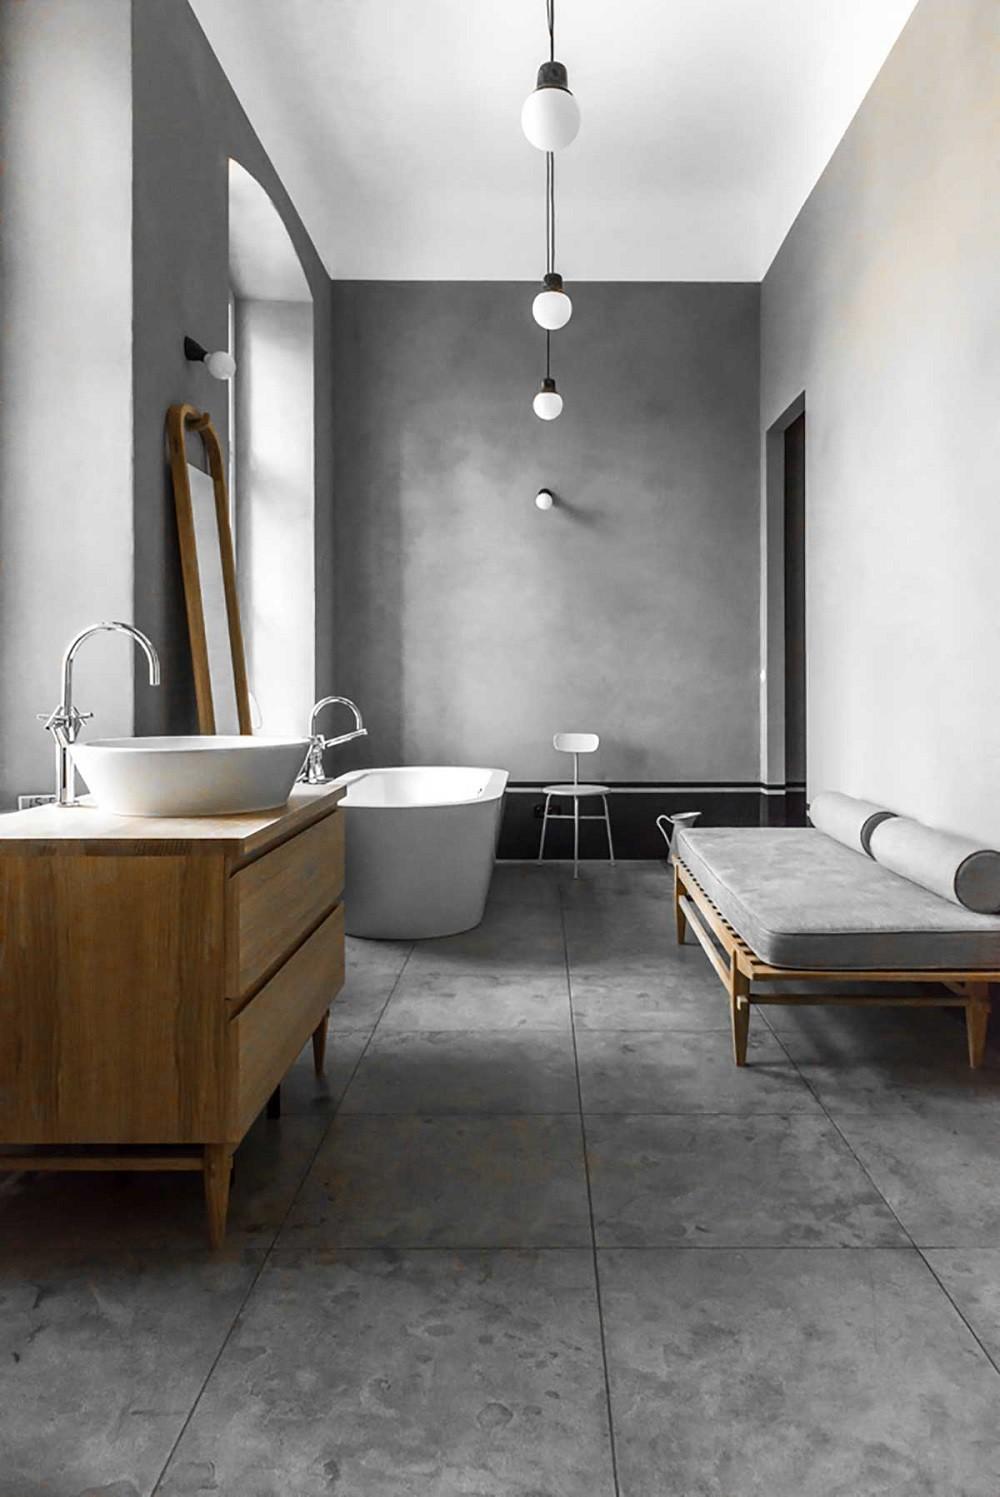 Baños modernos de hormigón